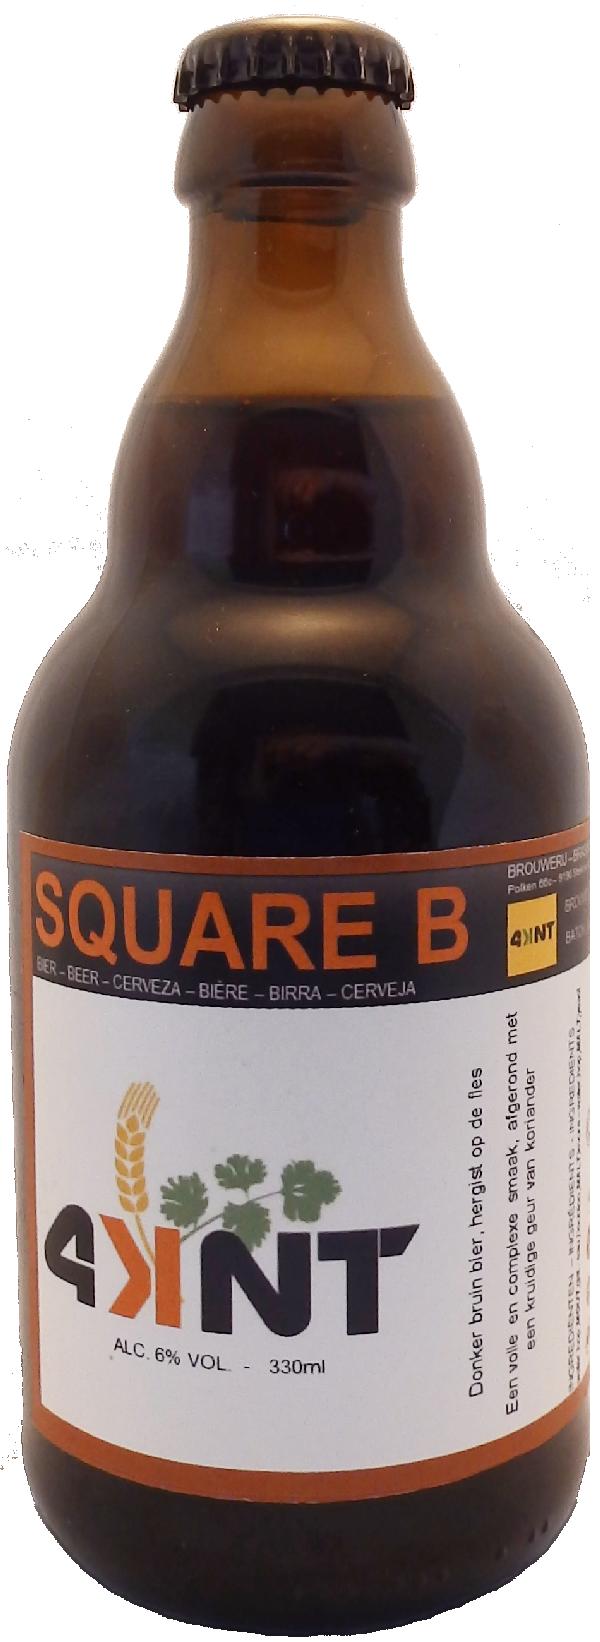 Square B fles